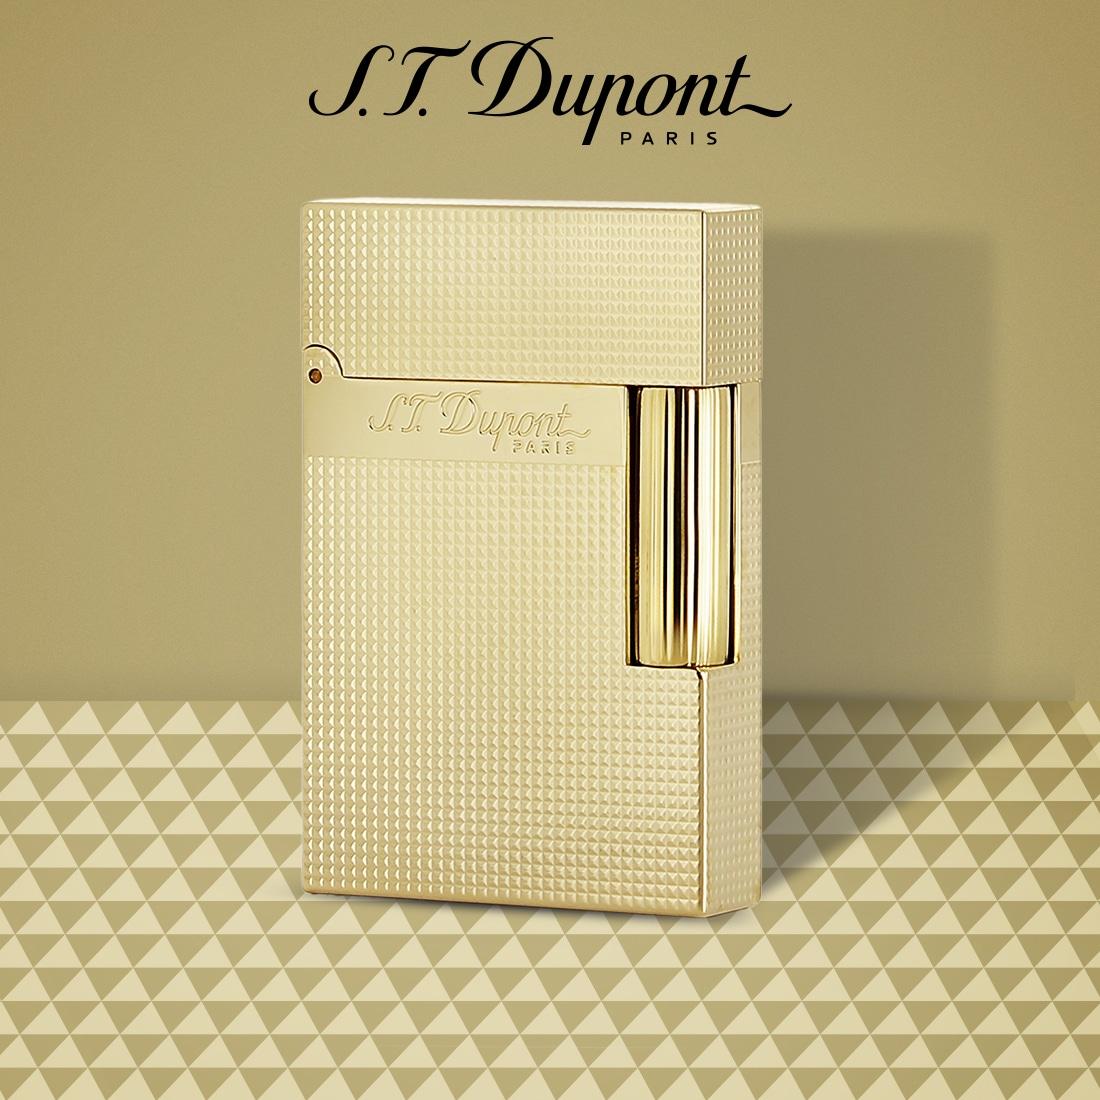 Photo #5 de Briquet S.T. Dupont Ligne 2 Or Pointe de Microdiamant Petit Modèle